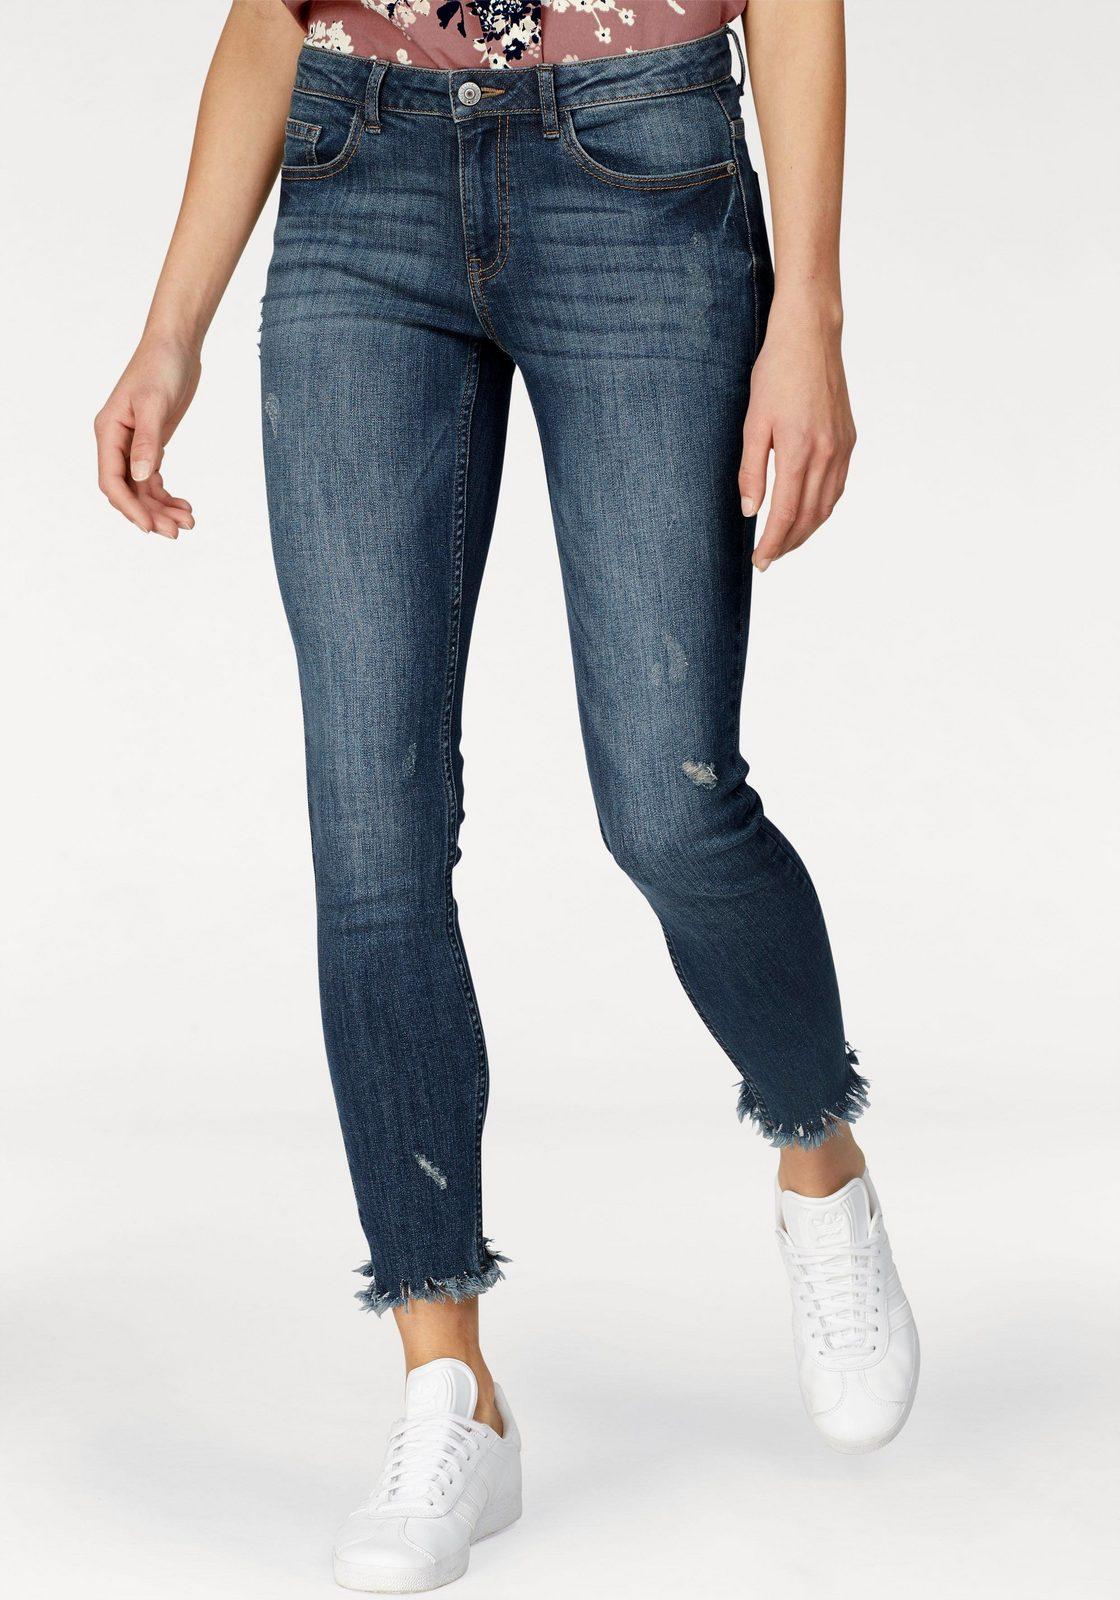 JACQUELINE de YONG Stretch-Jeans »SKINNY FLORA« mit ausgefransten Säumen